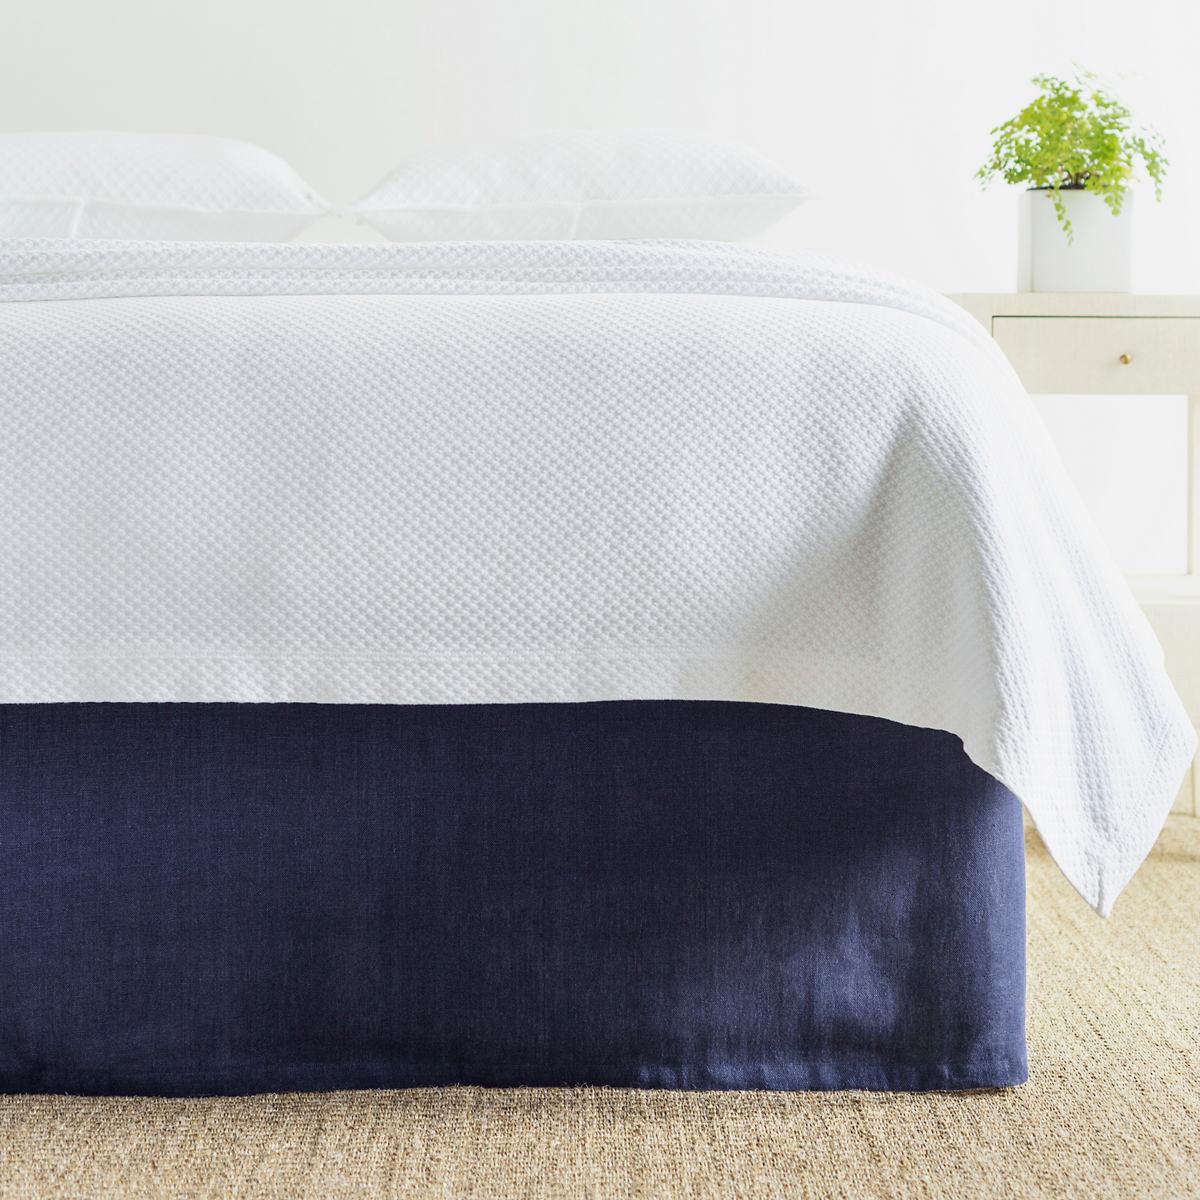 Stone Washed Linen Indigo Tailored Paneled Bed Skirt